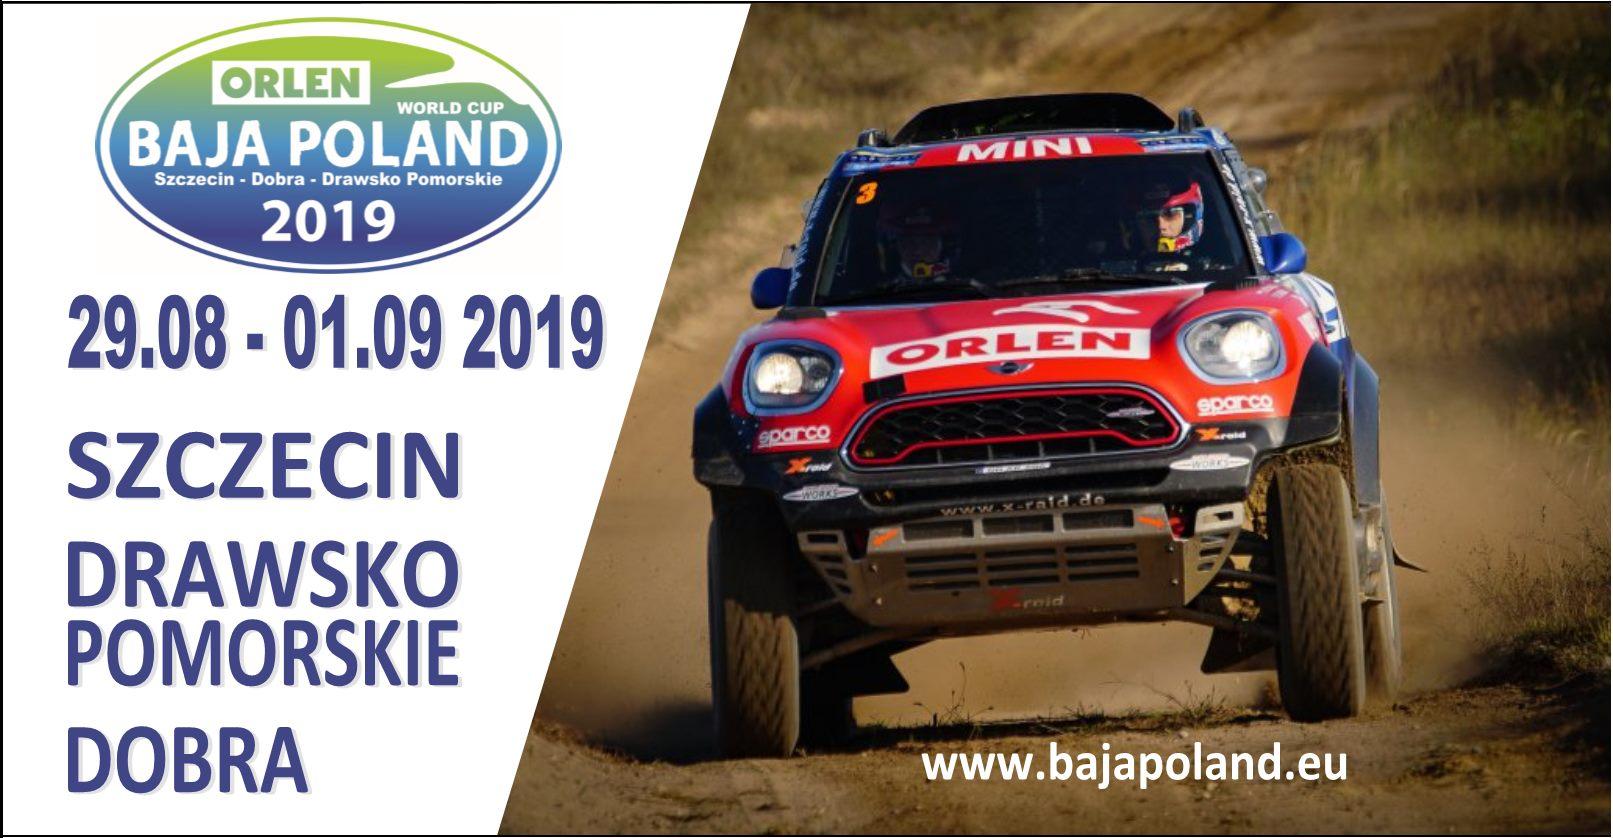 Orlen Baja Poland - Puchar Świata FIA w Rajdach Terenowych